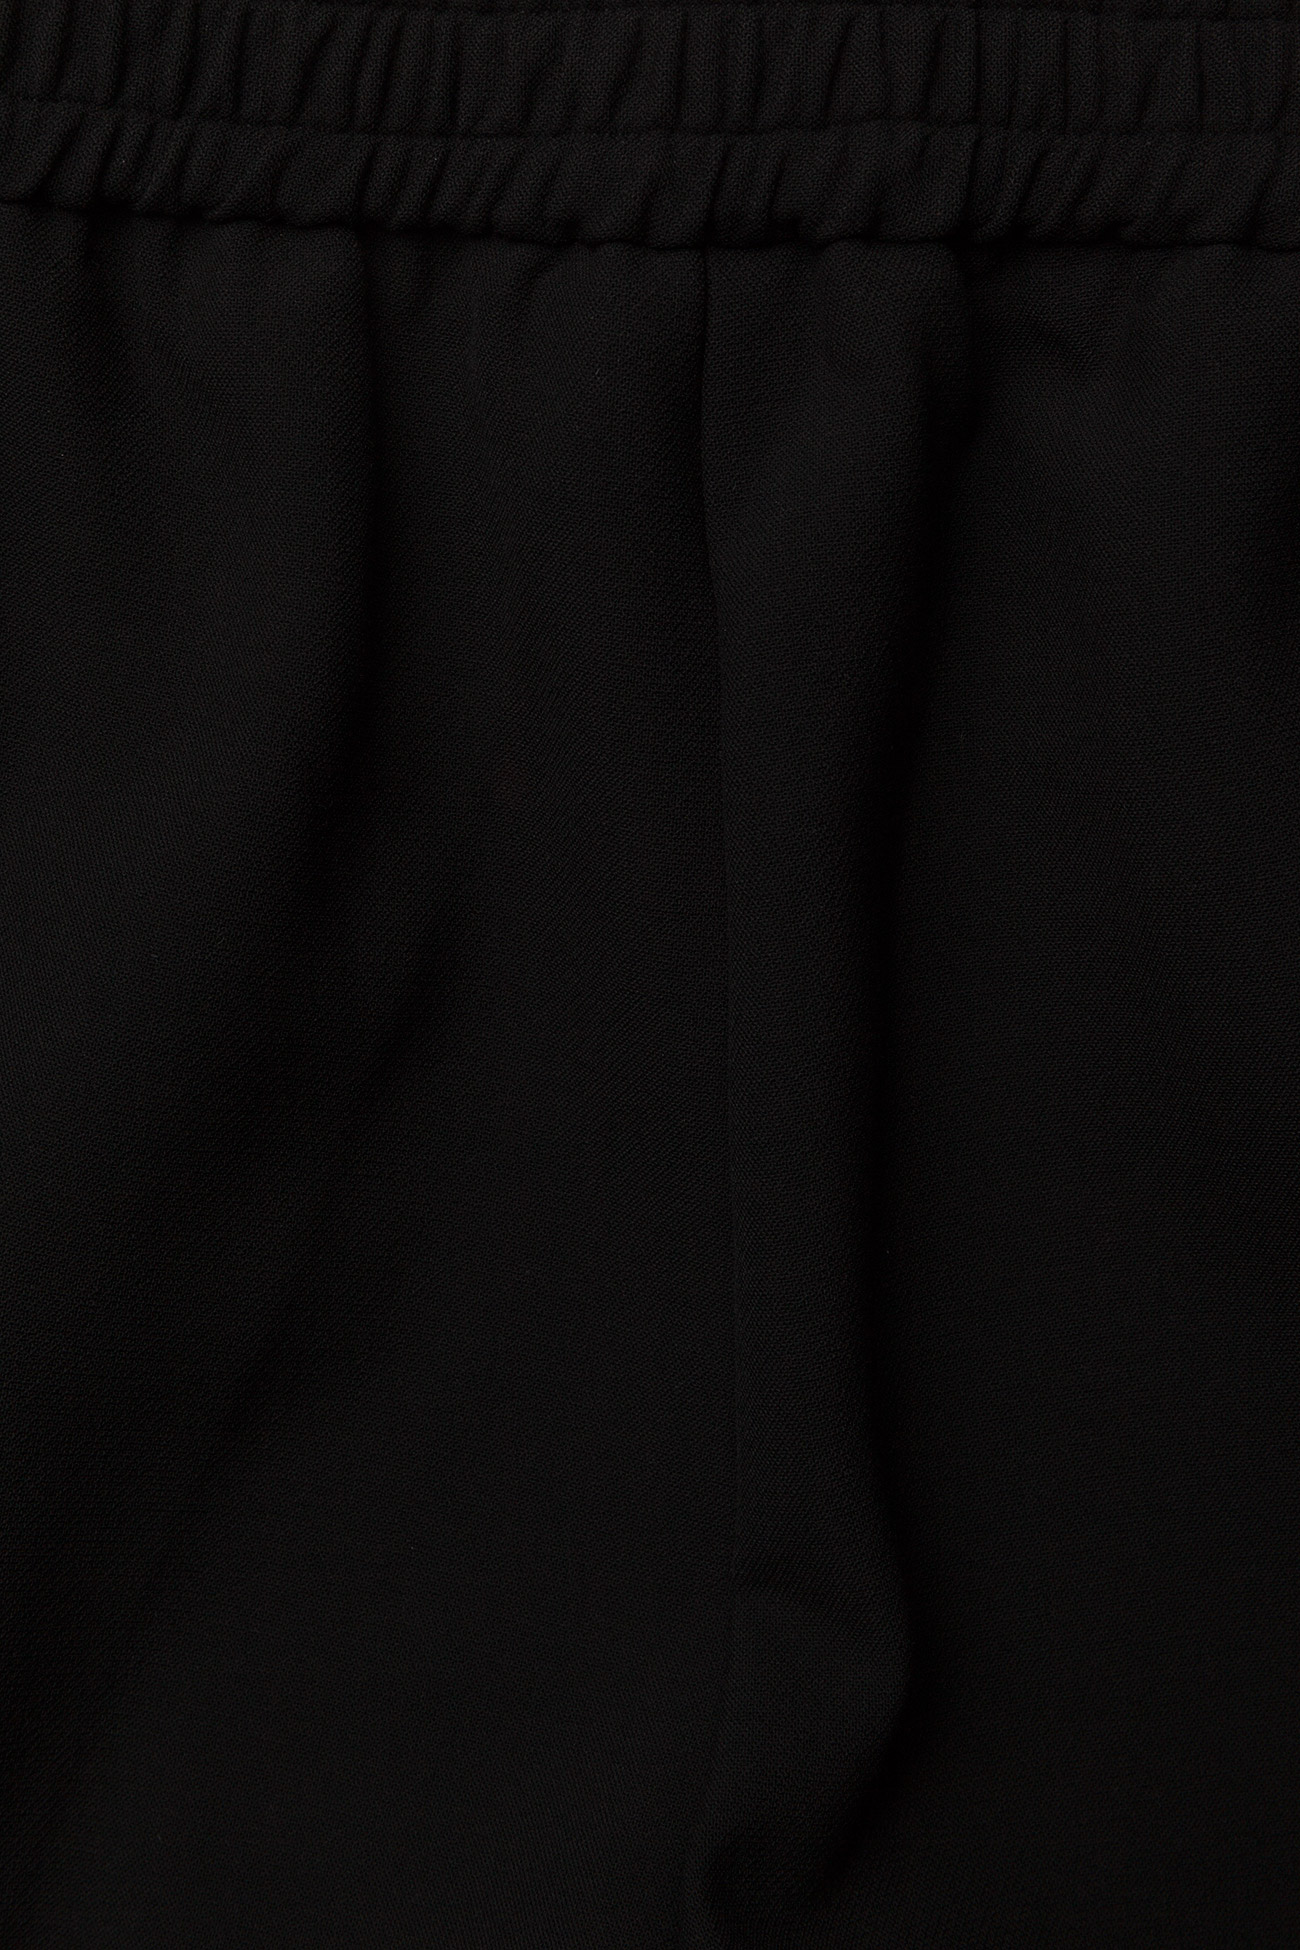 Raiine ARIETTA PANTS - Spodnie BLACK - Kobiety Odzież.